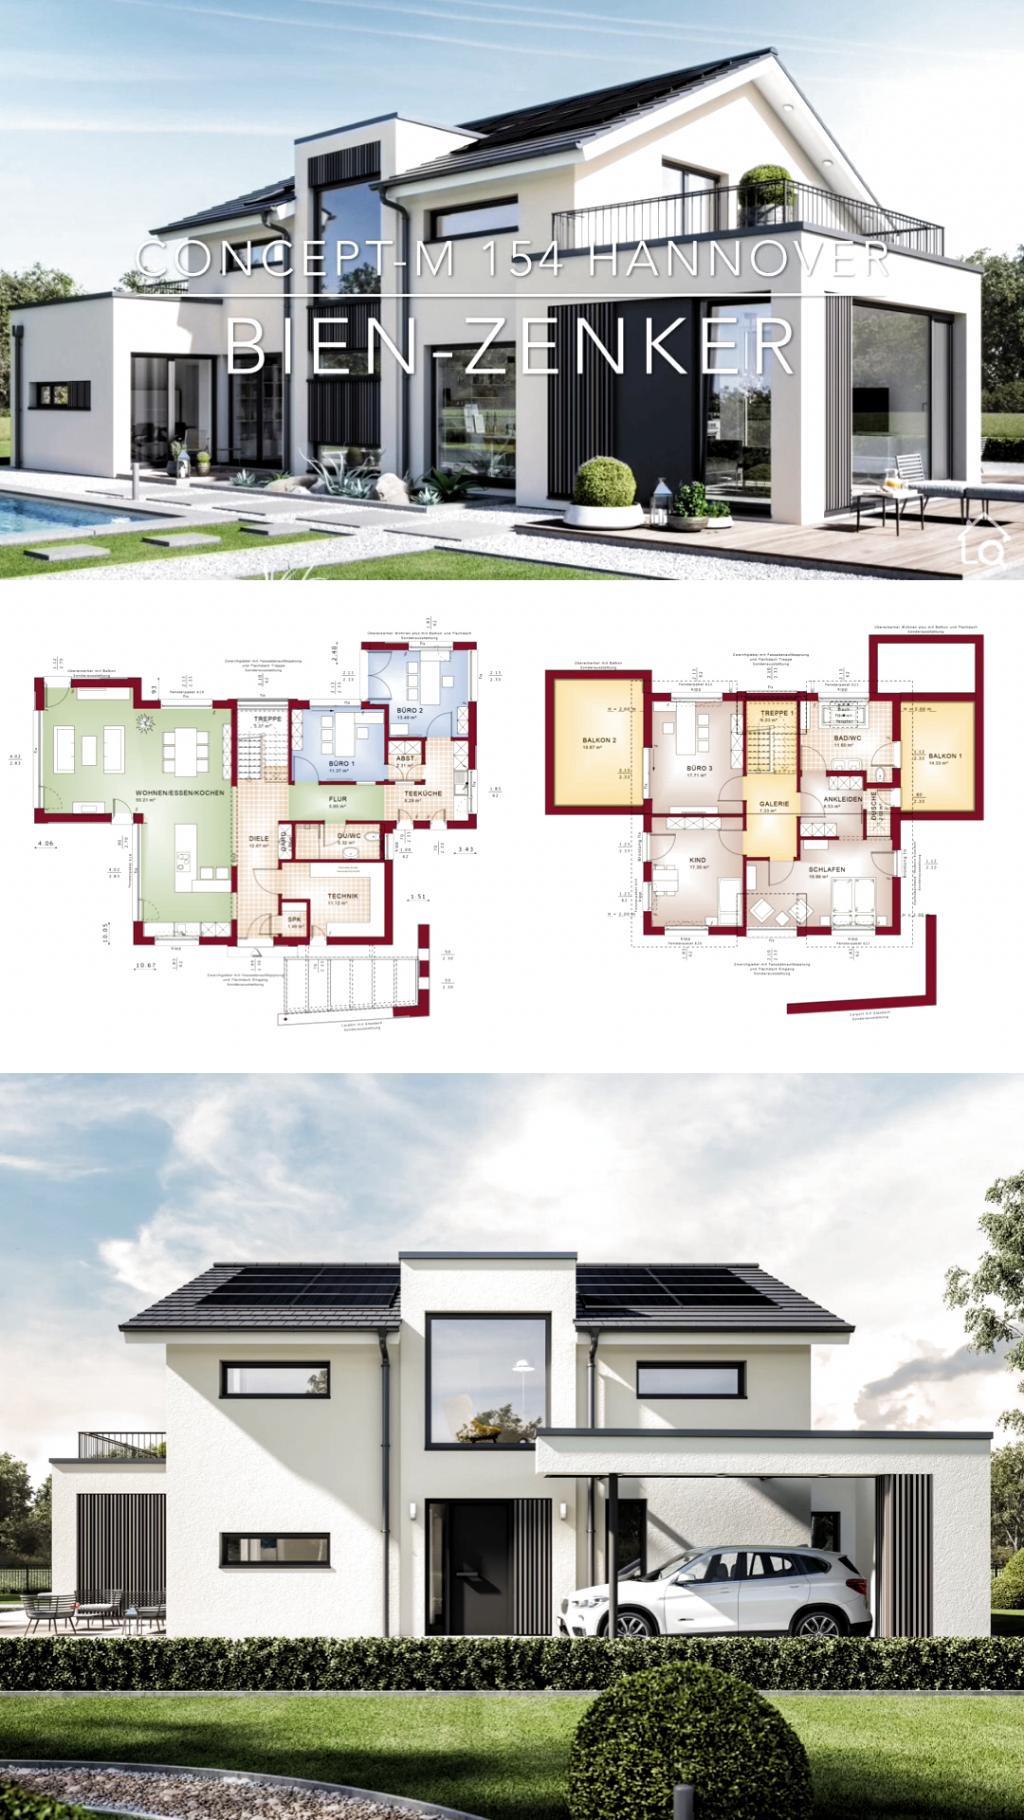 Einfamilienhaus Neubau Modern Mit Satteldach Bauen Fertighaus Haus Grundriss Offen 6 Zimmer 22 In 2020 House Construction Plan Modern House Plans Architecture House